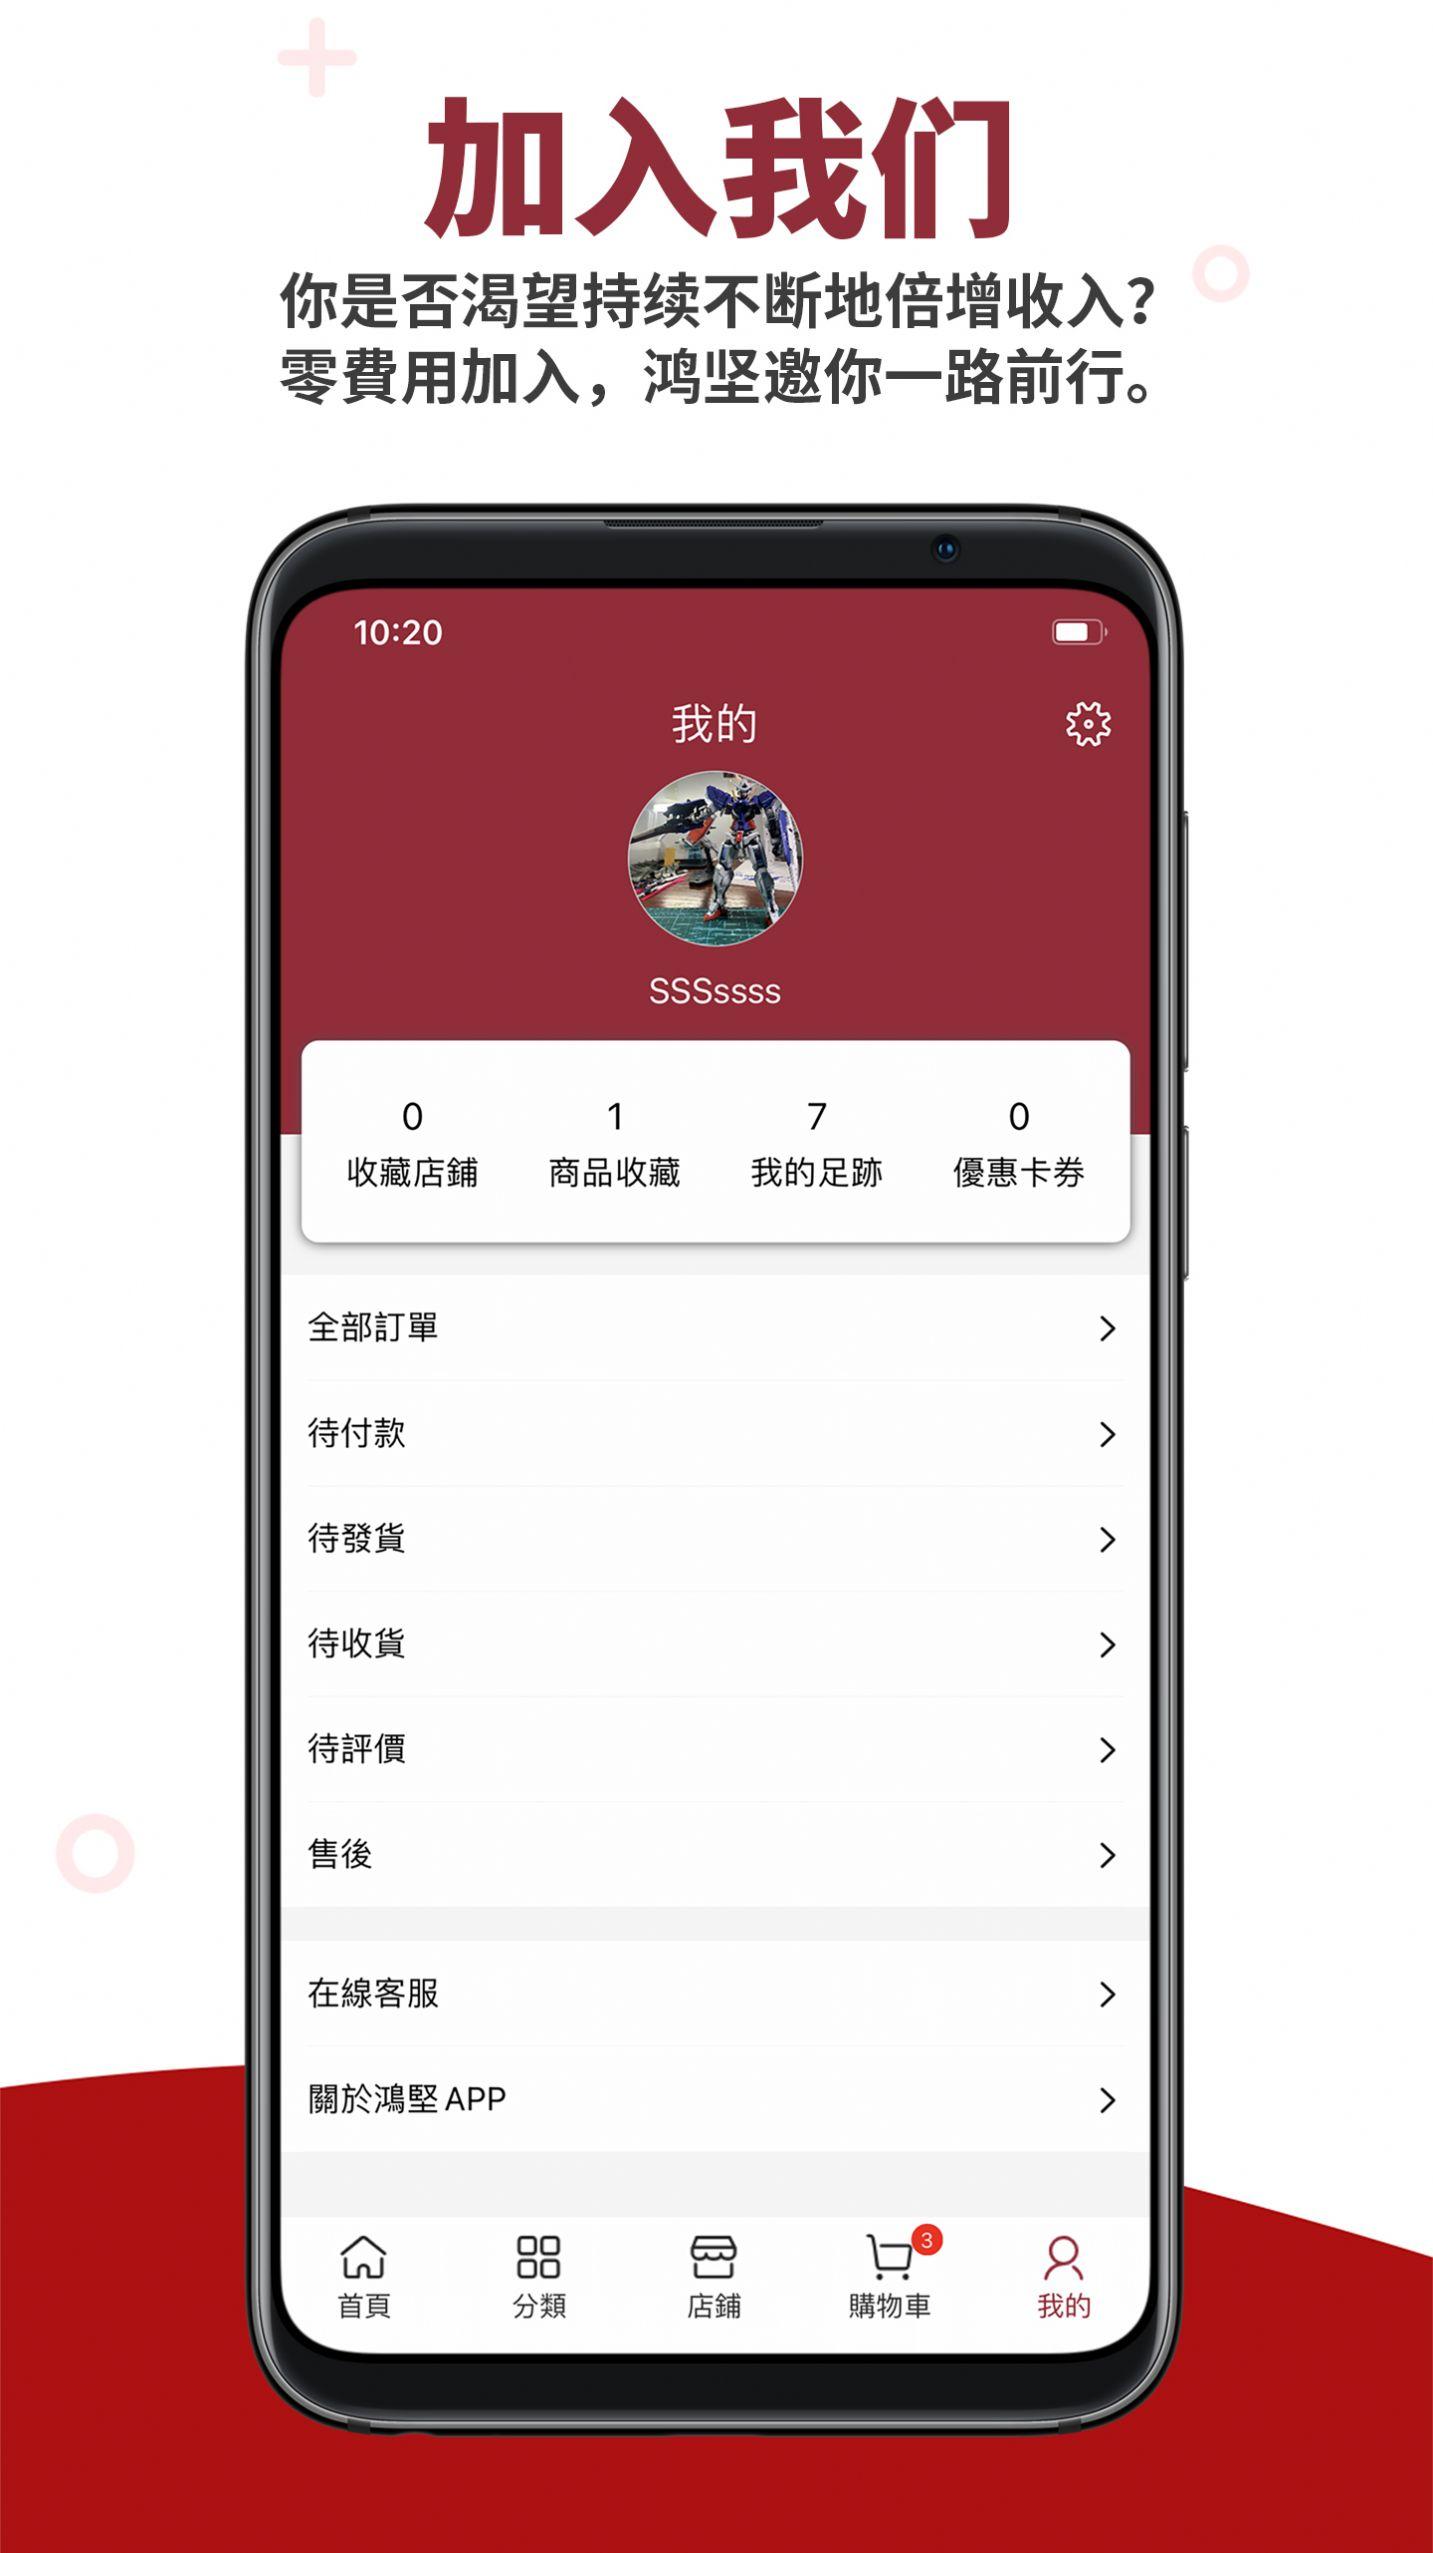 鸿坚网购APP安卓版图4: